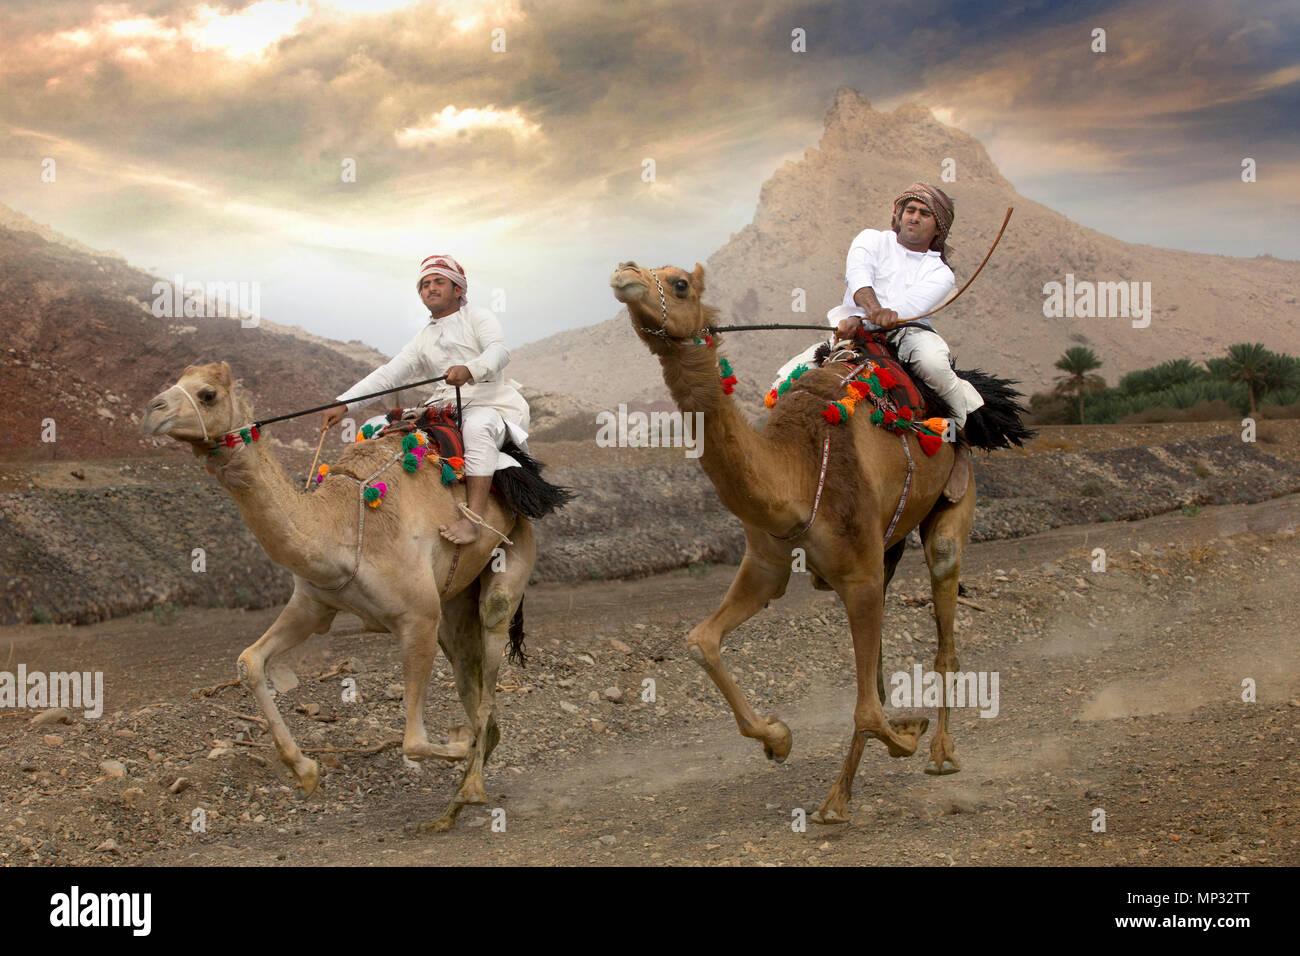 Khadal, Oman, 7 avril 2018: les hommes course de chameaux sur une route poussiéreuse campagne Photo Stock